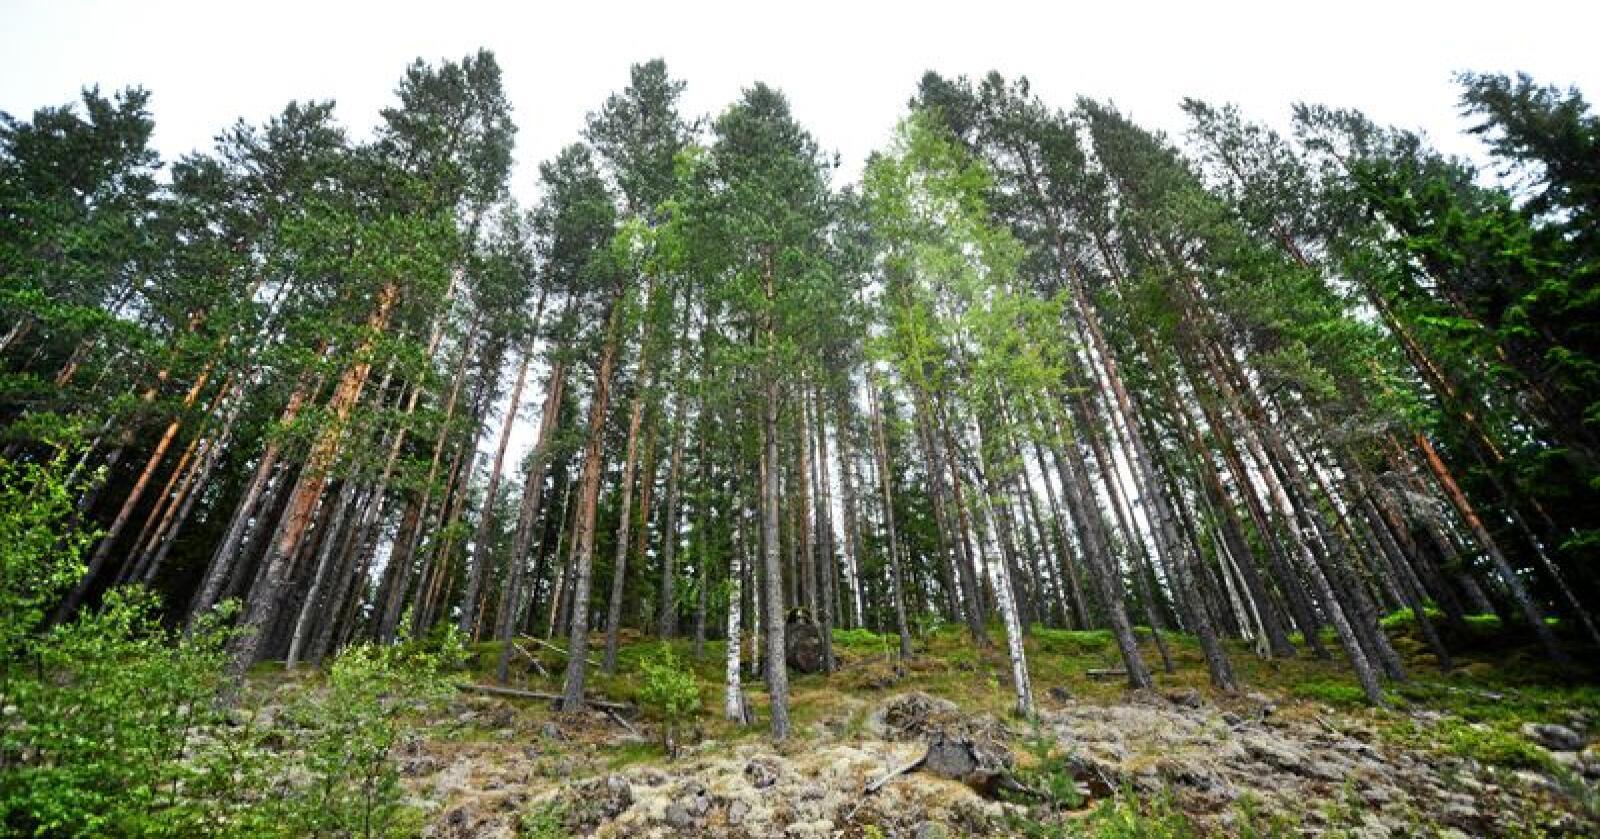 Ikke bare trær: Skogeierforbundet ser ikke skogen som økosystem, de ser bare trærne, skriver Arnodd Håpnes. Foto: Siri Juell Rasmussen